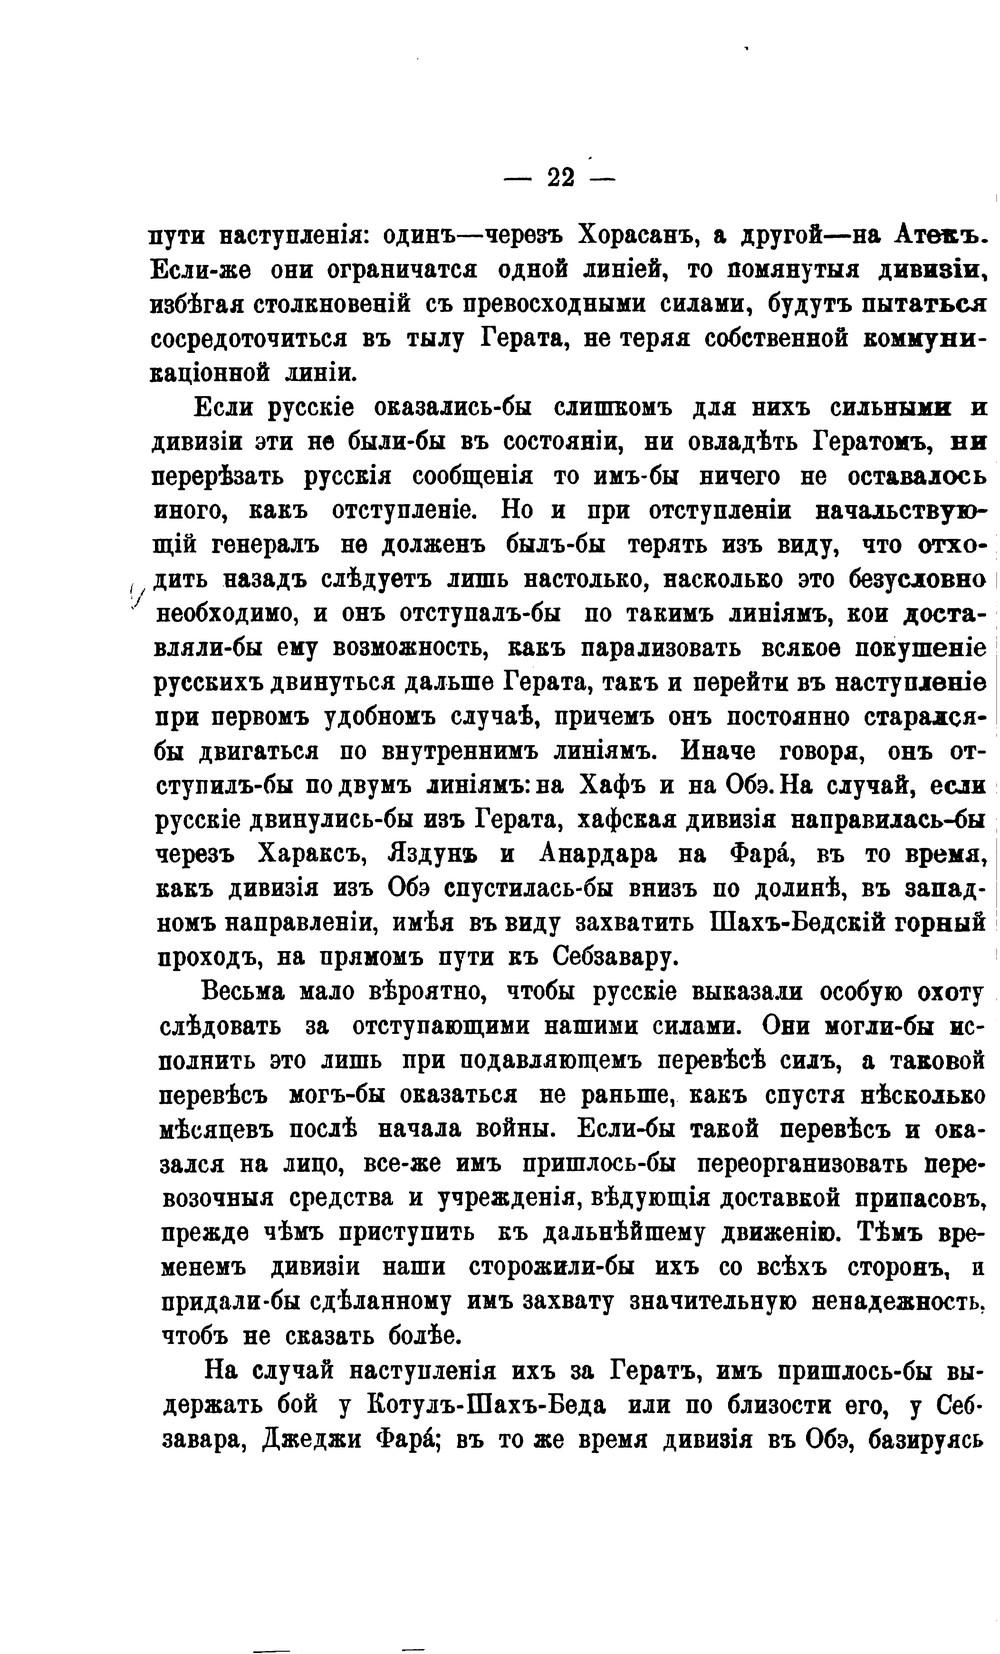 http://i1.imageban.ru/out/2013/08/29/dbb05558150ed72538091decd0509dcc.jpg